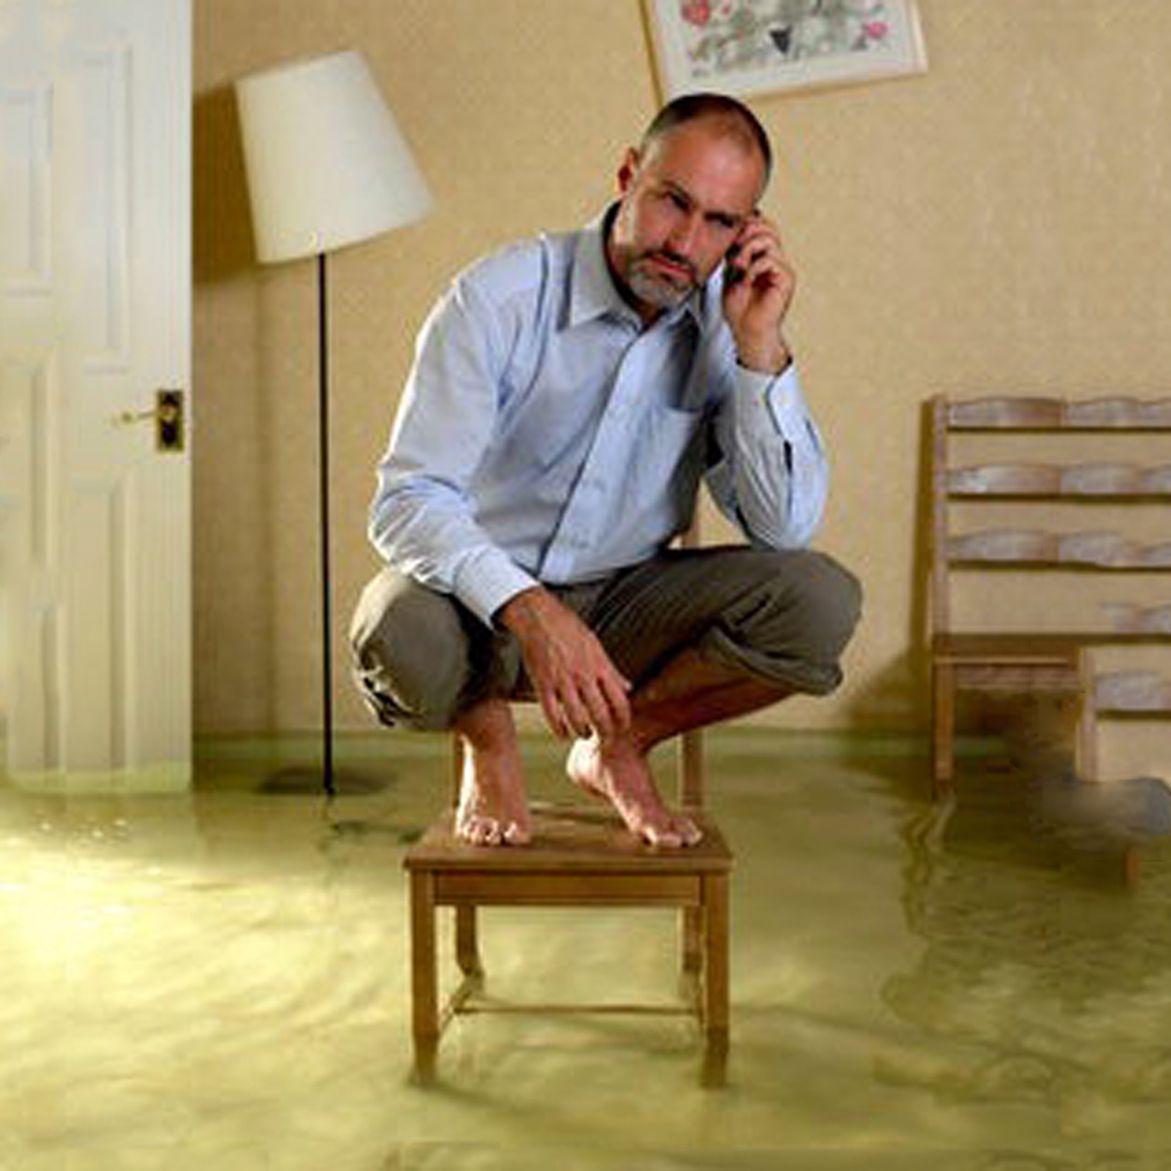 #waterdamage